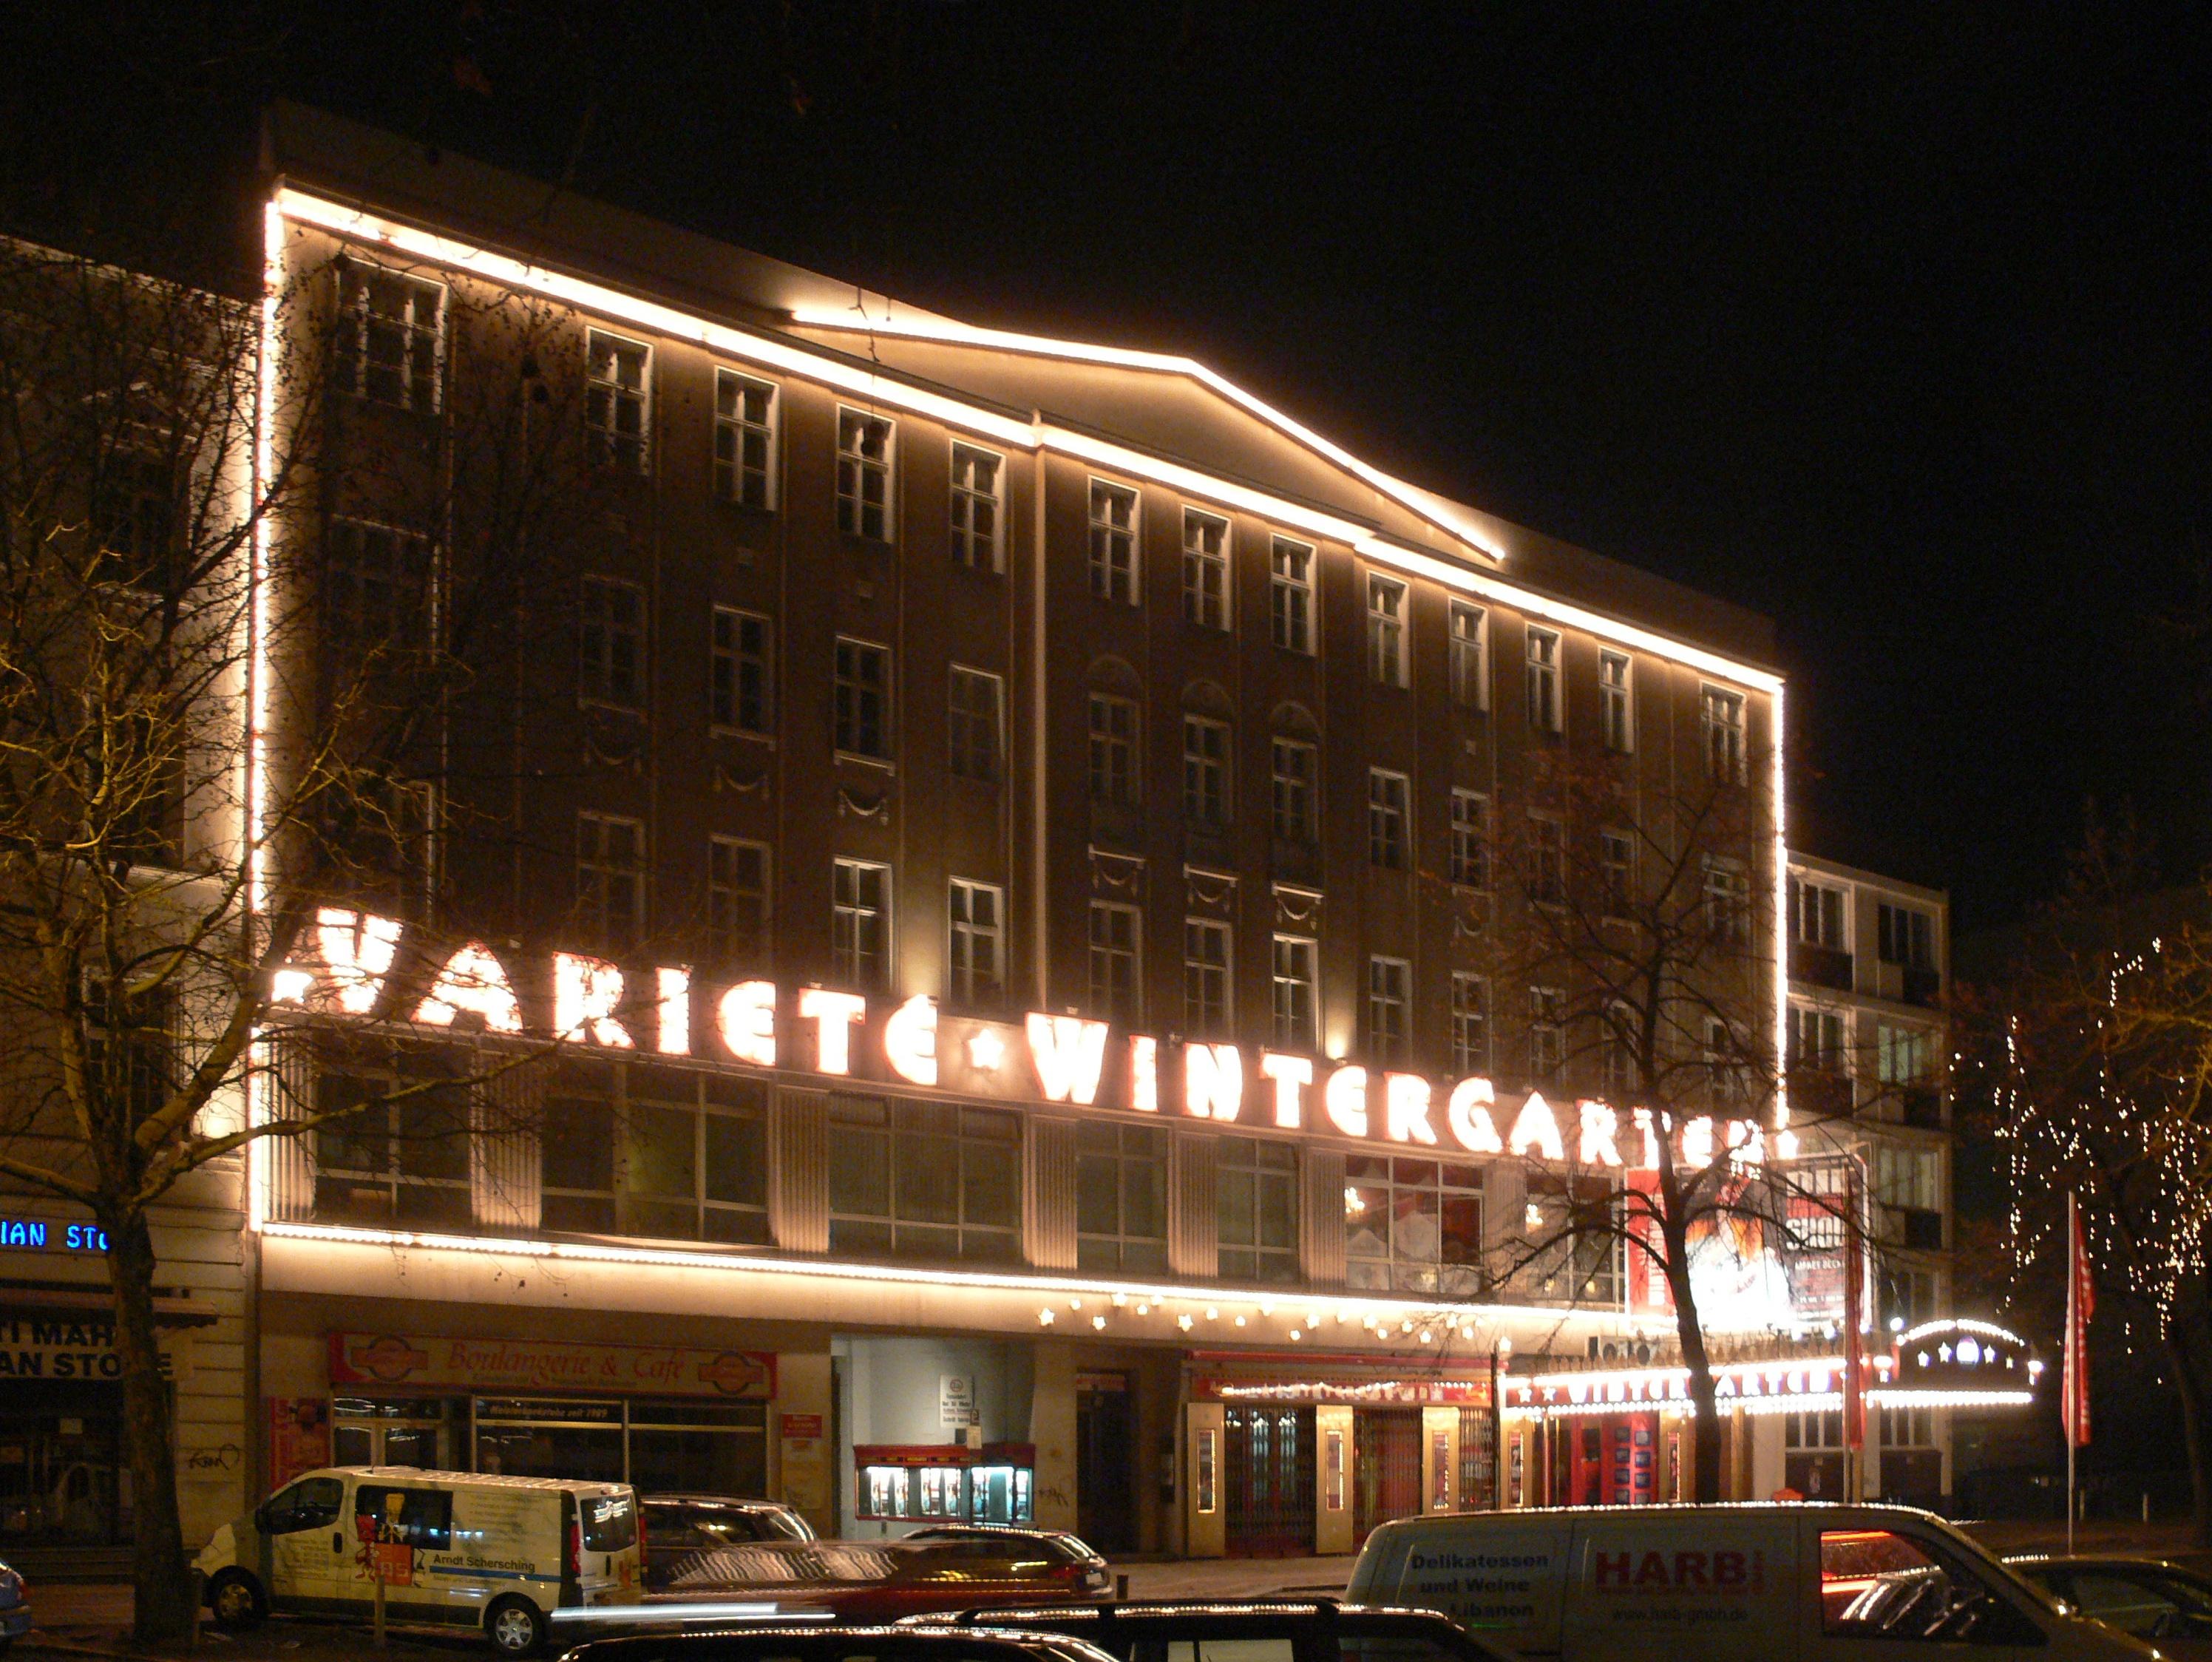 Dateiberlin Wintergarten Potsdamer Straße 2010jpg Wikipedia